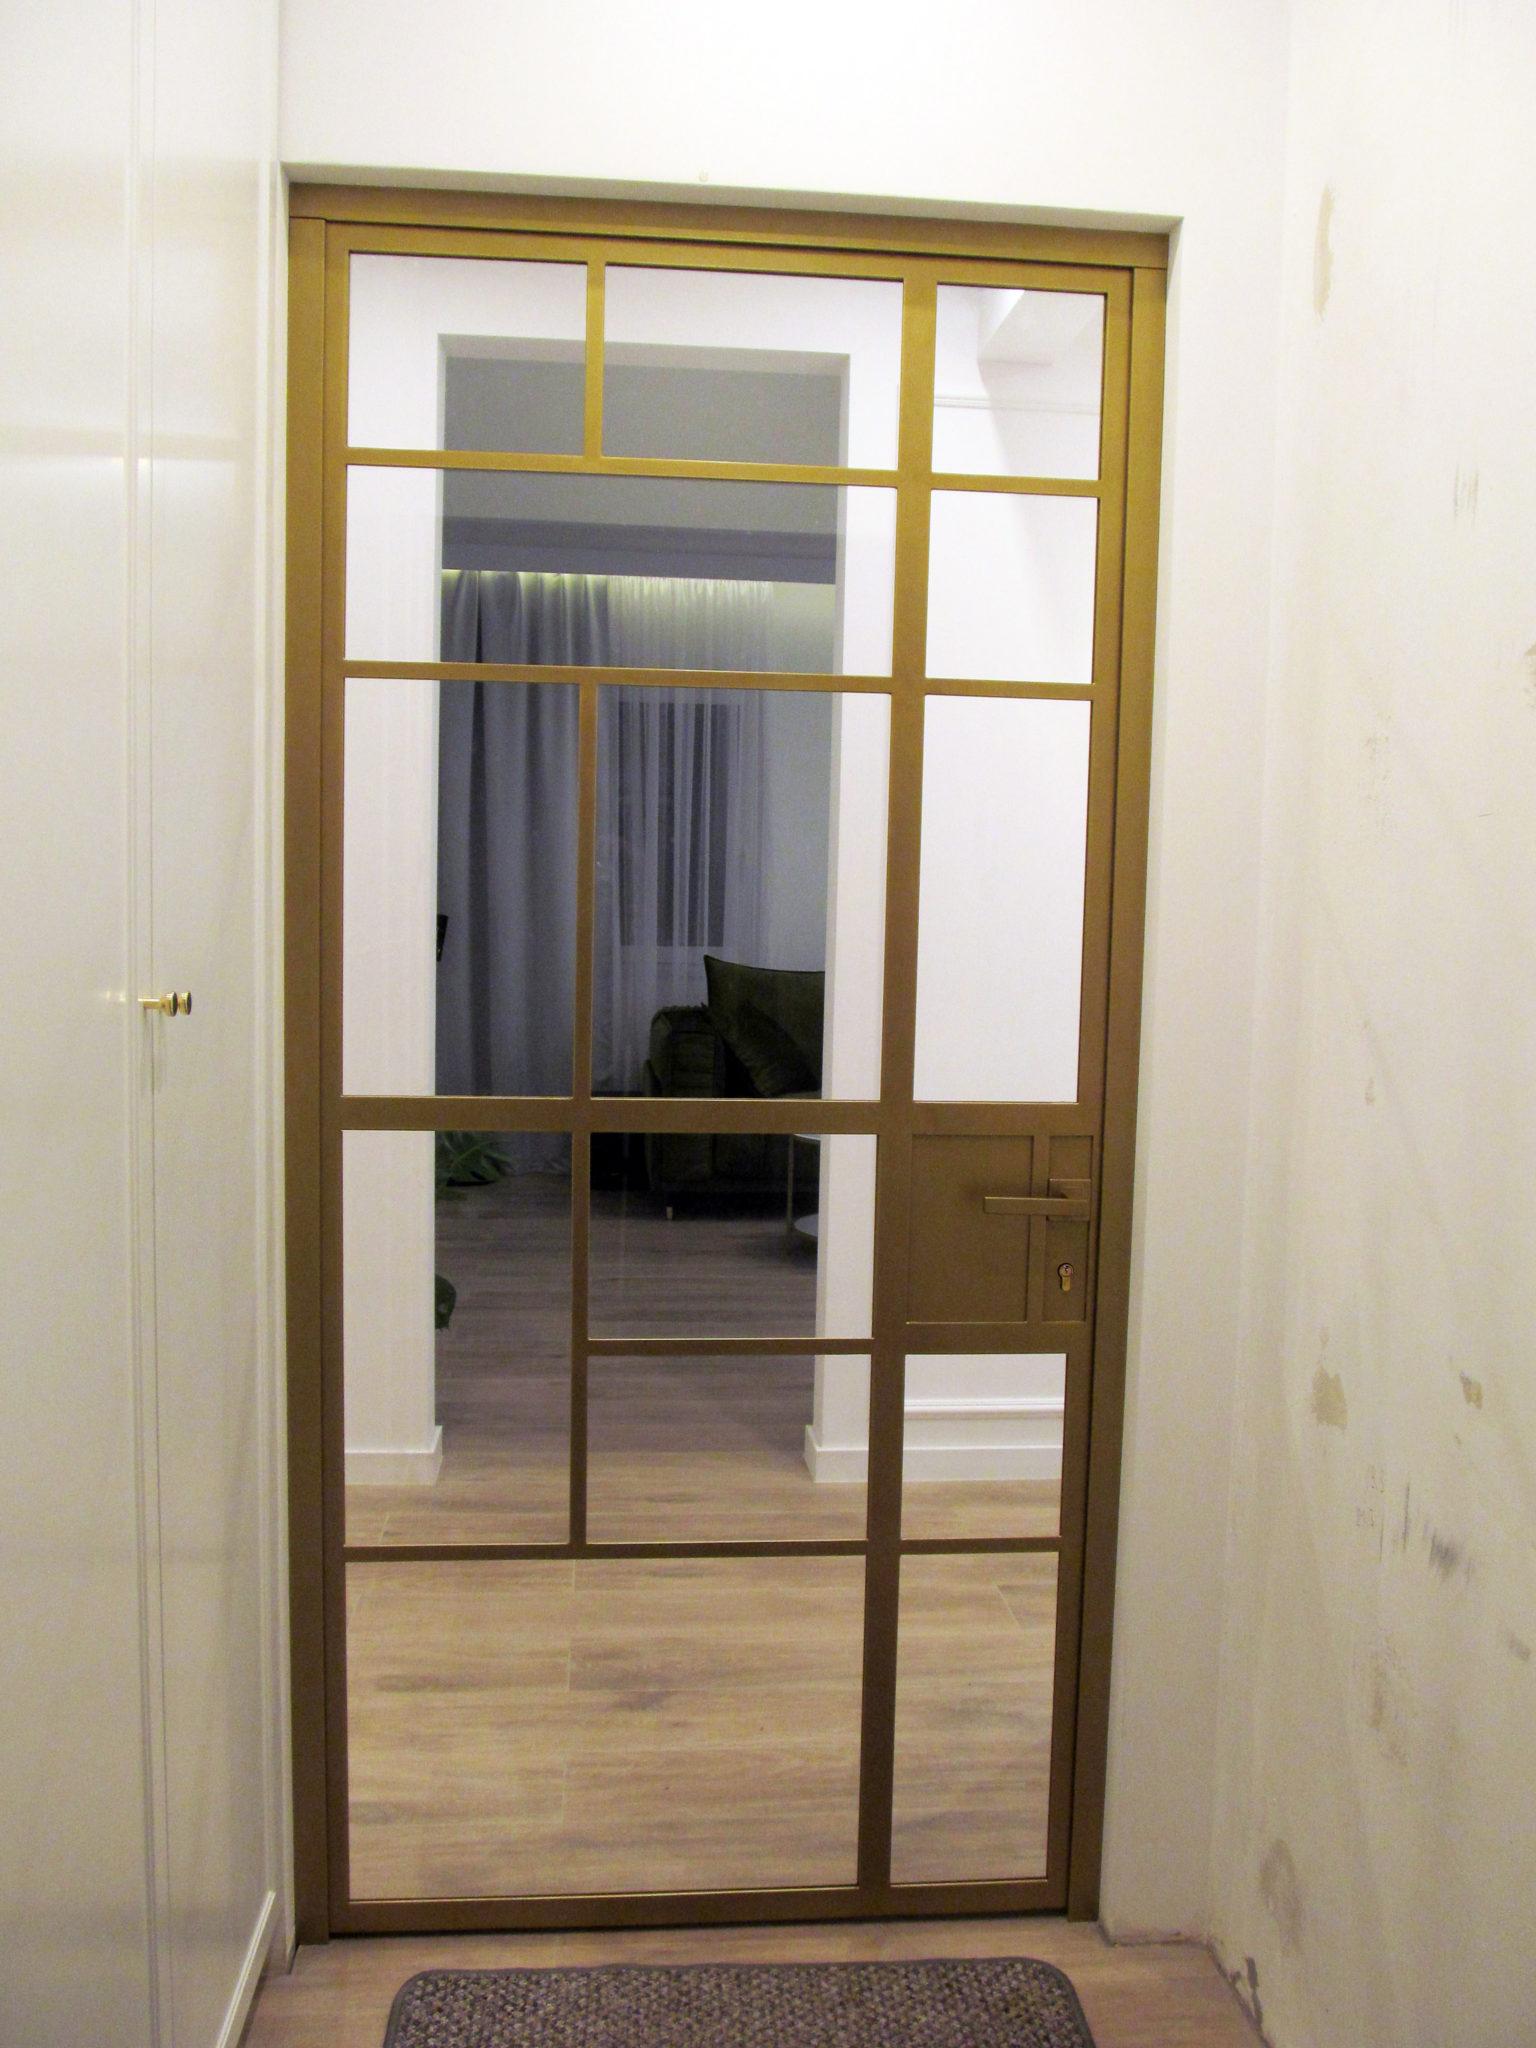 Drzwi loftowe złote ze szkła i metalu pomalowane na złoto ze szkłem bezpiecznym 33.1 w oddzielnych kwaterach